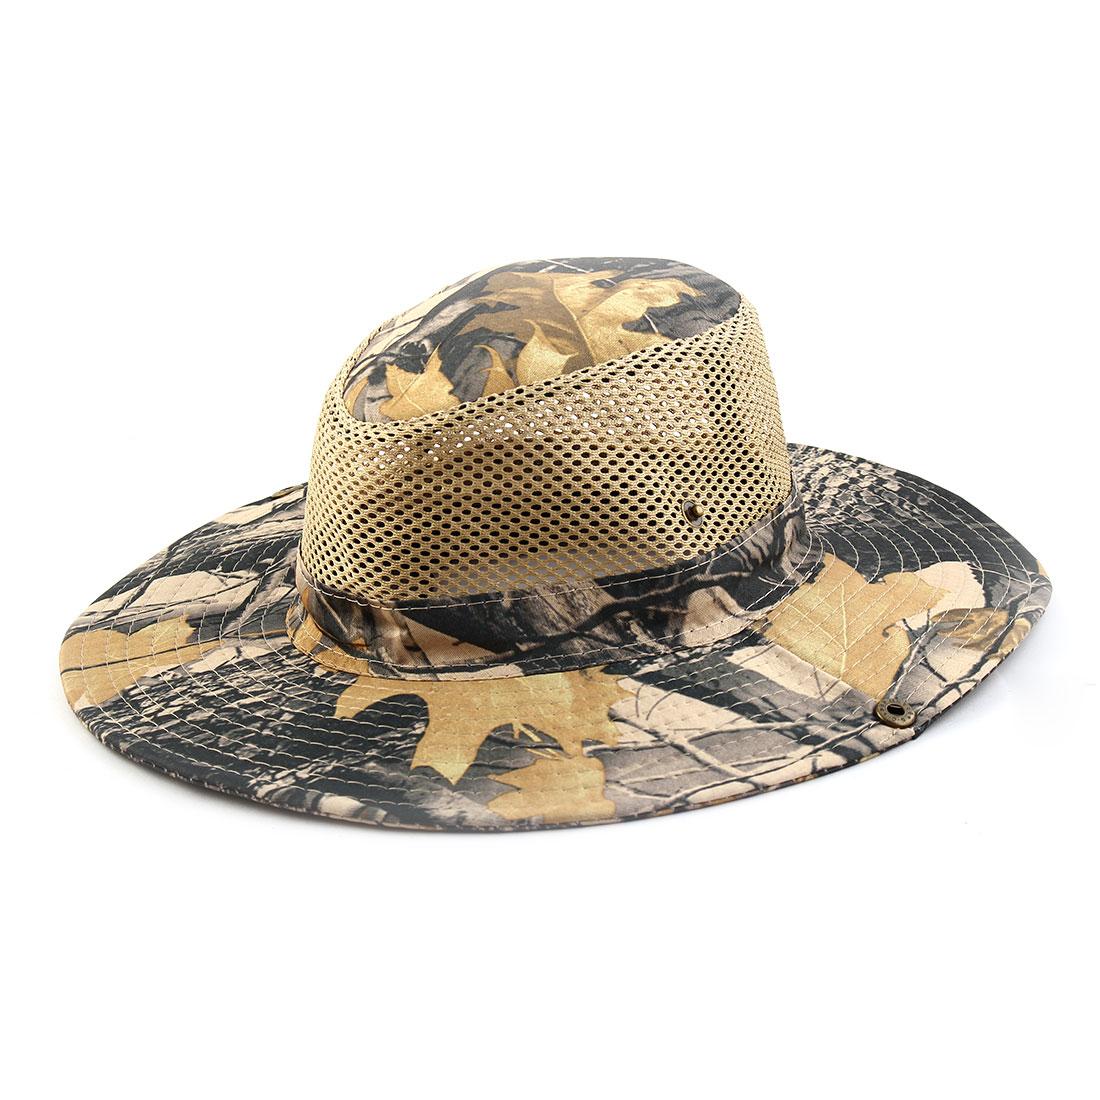 Men Summer Wide Brim Western Style Camouflage Mesh Cap Net Sunhat Cowboy Hat #7